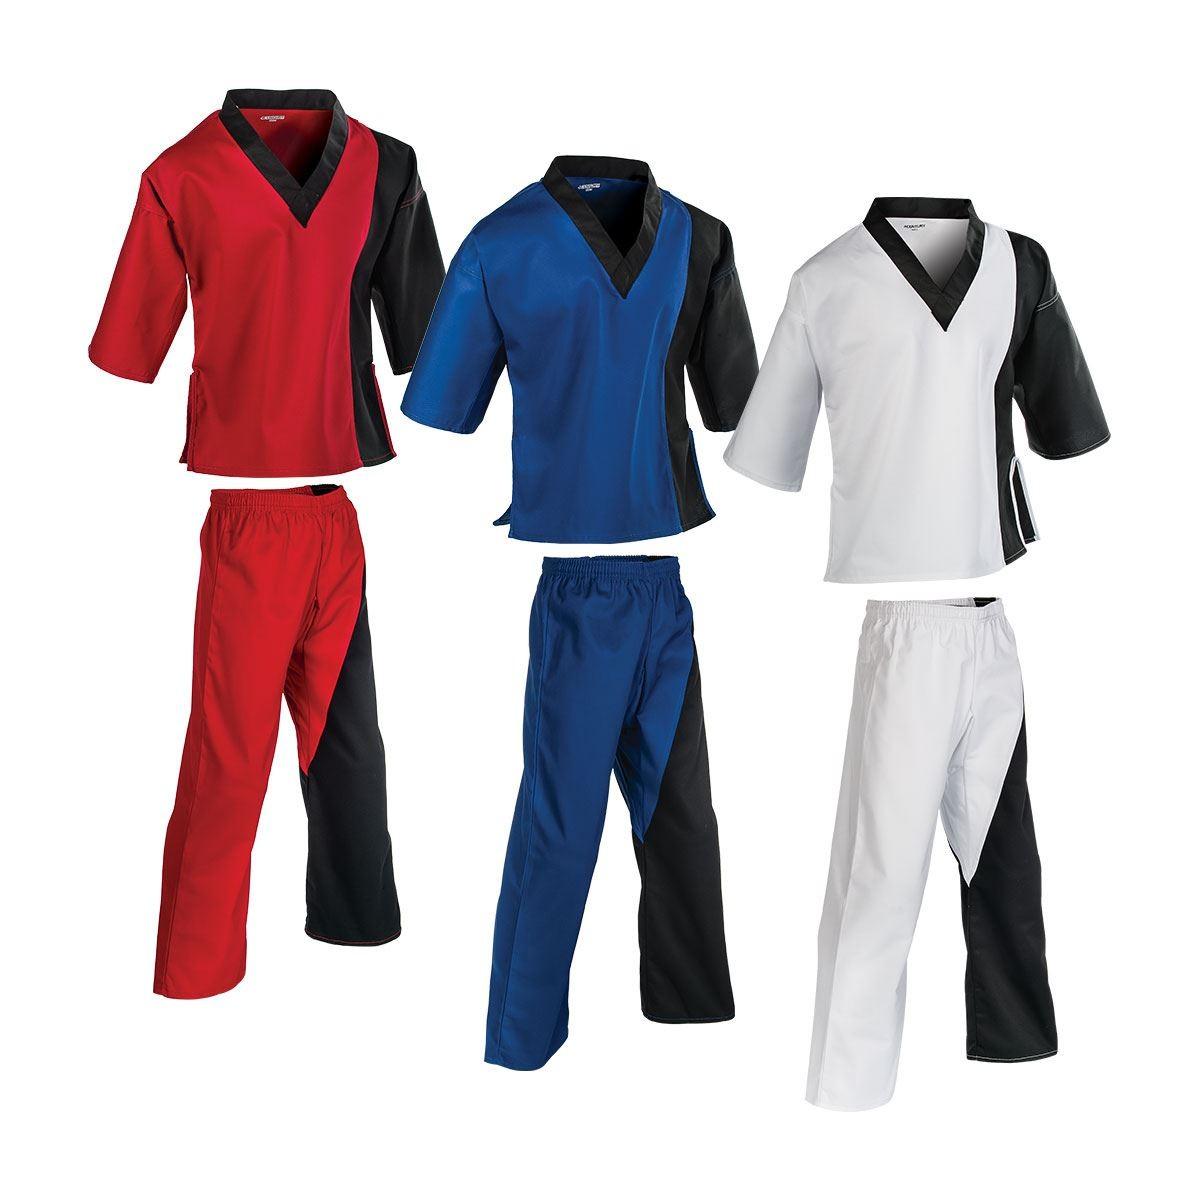 Geil martial uniform for the